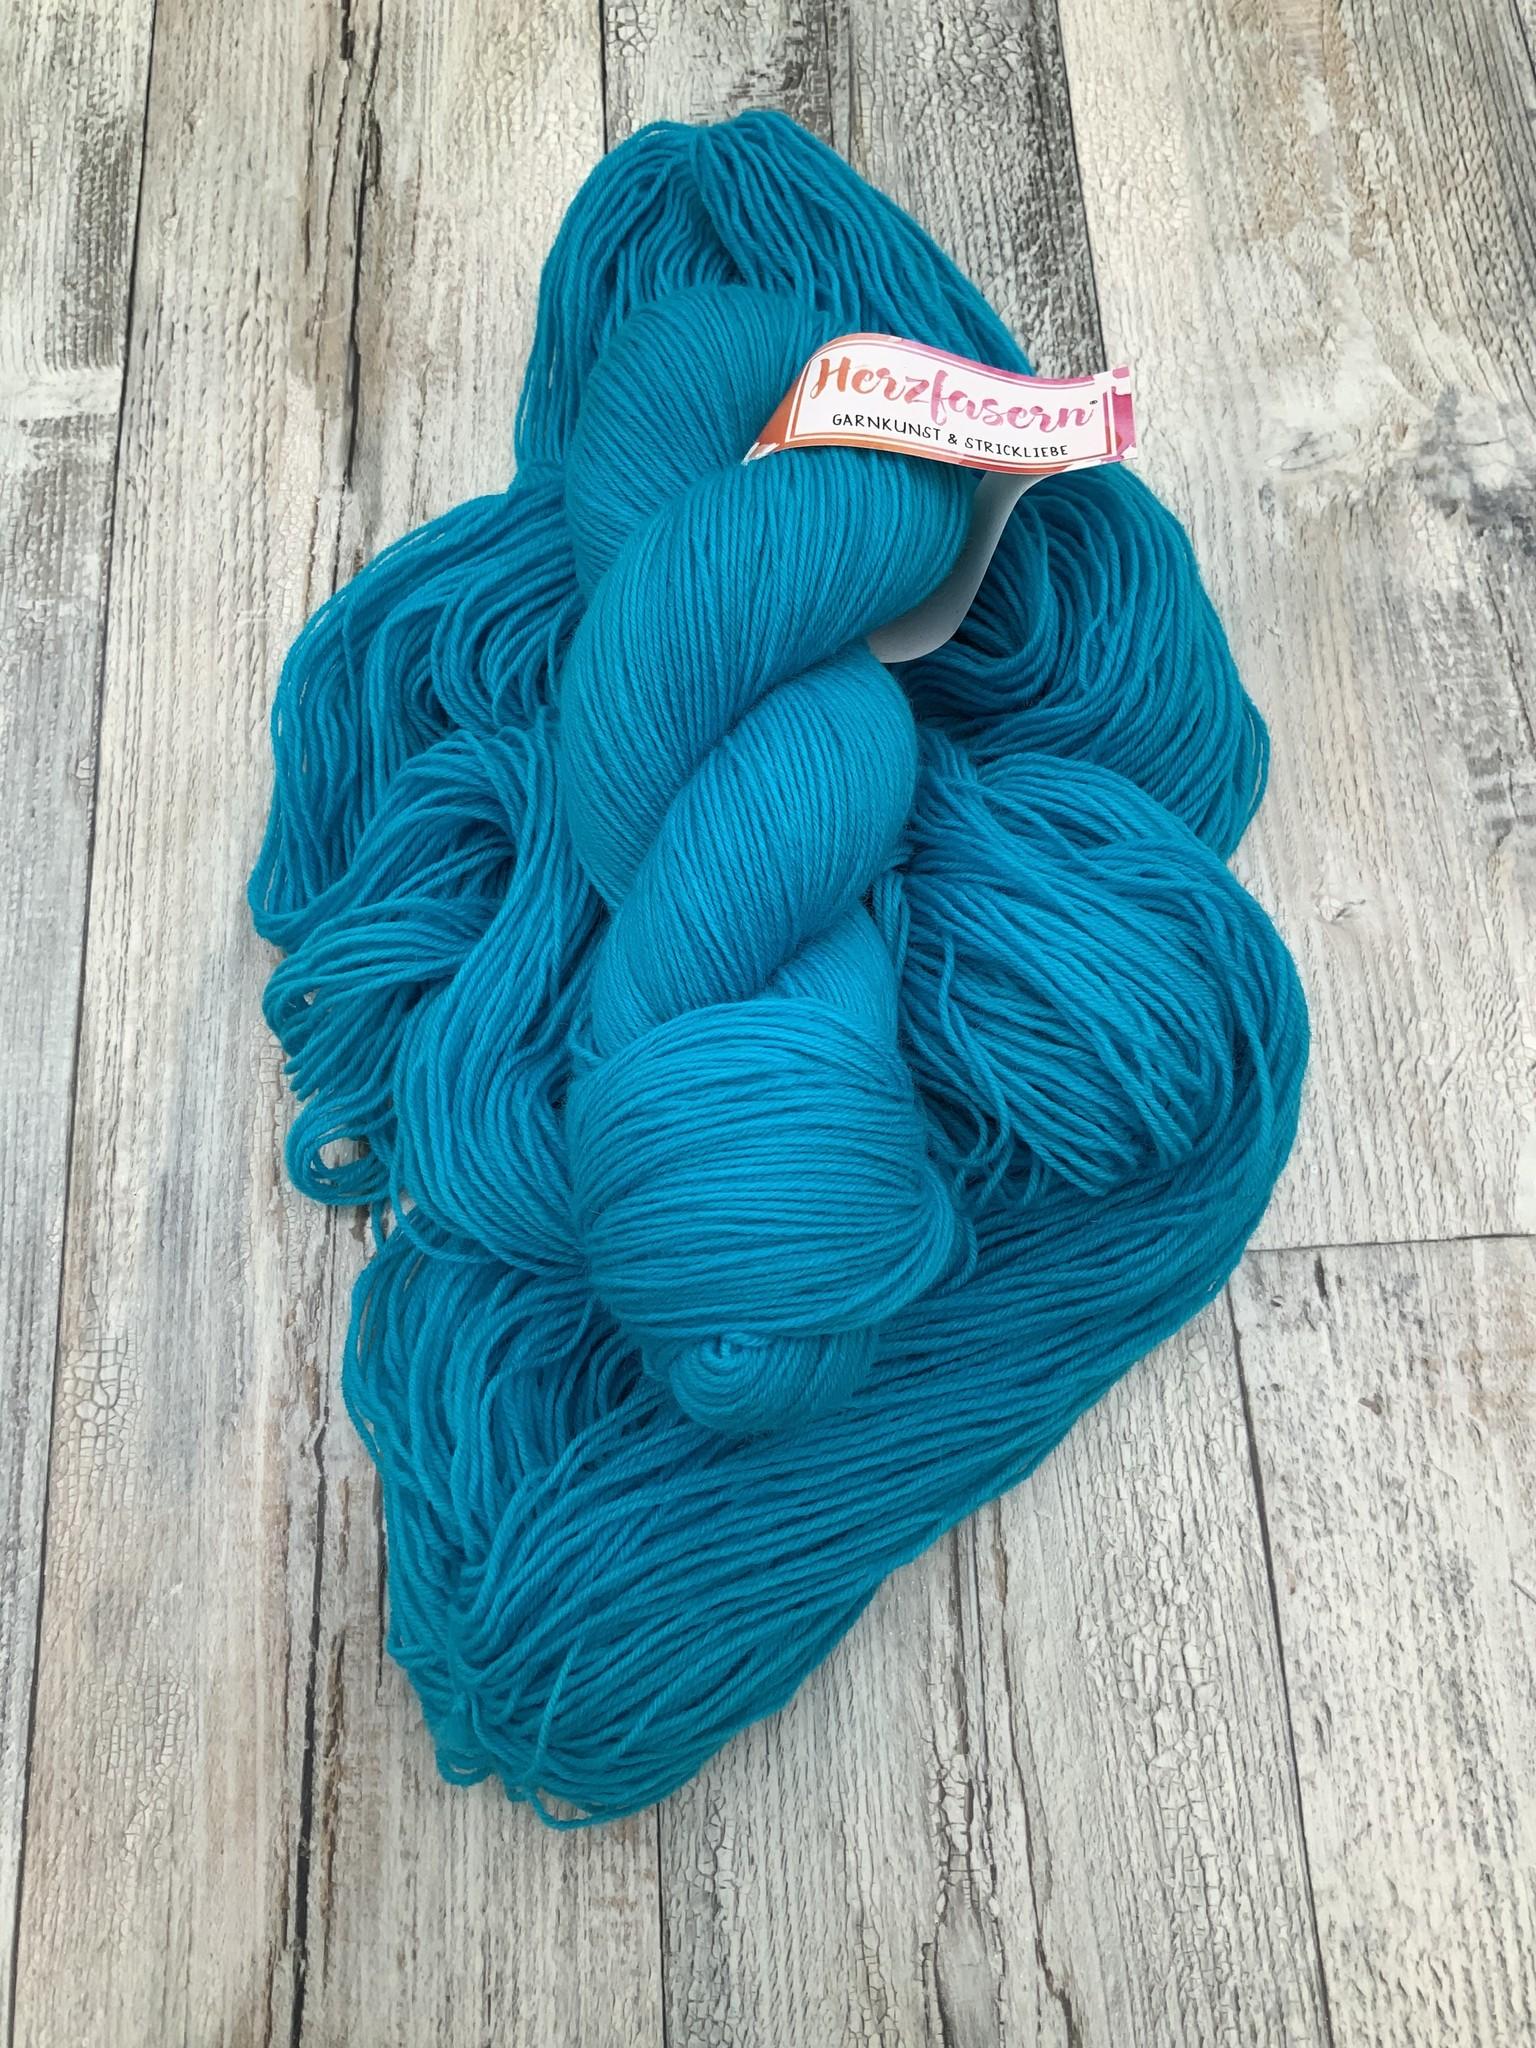 Herzfasern Sockenwolle - Türkis